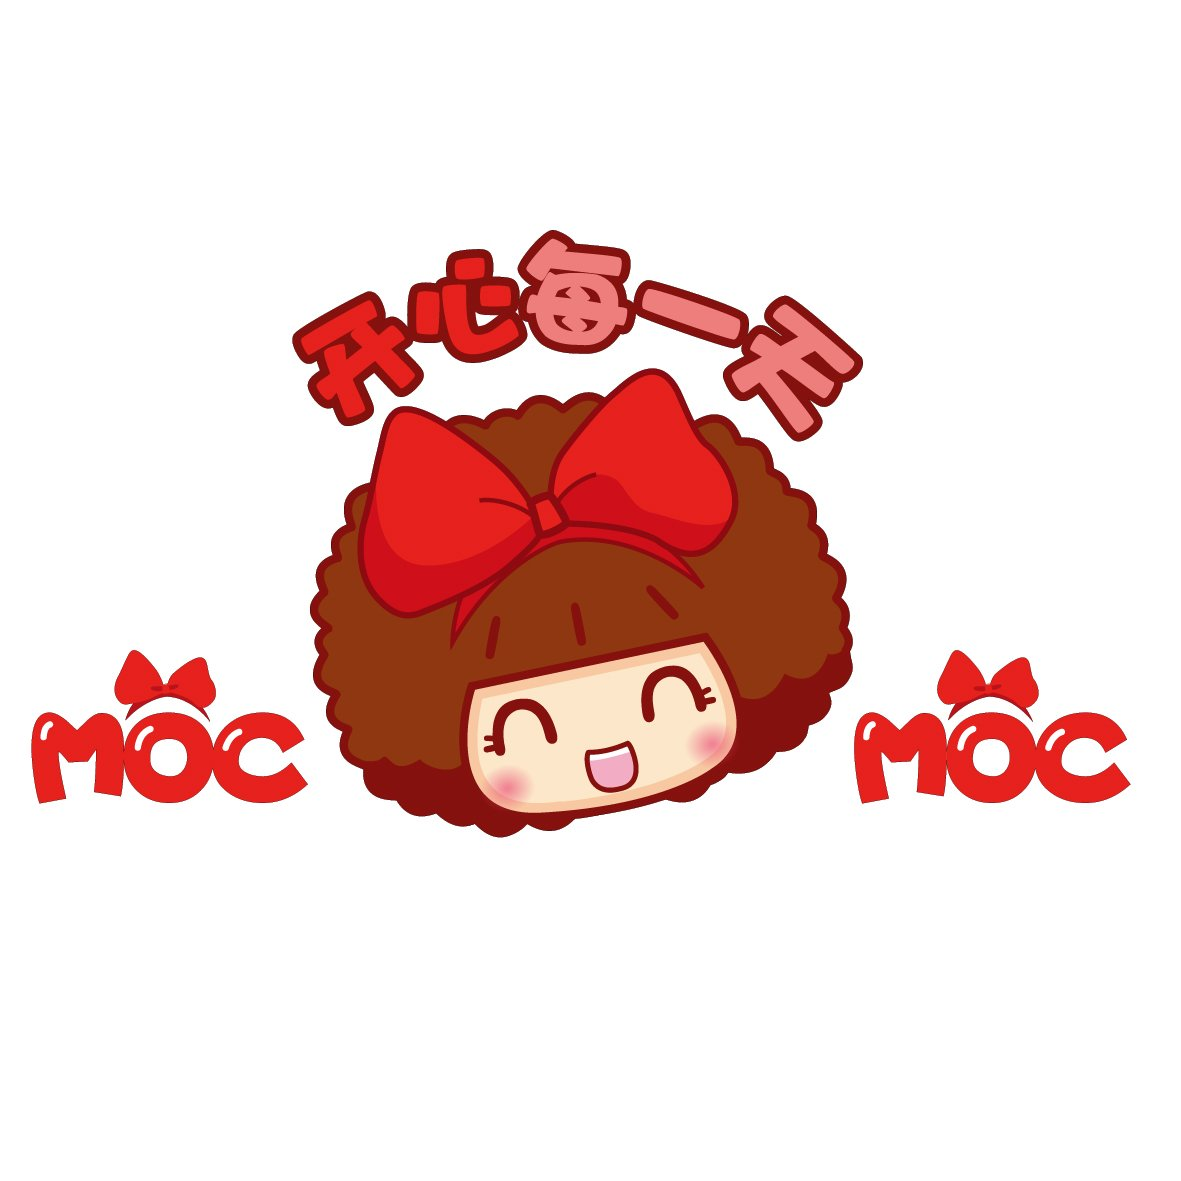 汽车贴纸 mocmoc 摩丝娃娃开心每一天 机盖贴 汽车划痕贴 搞笑可爱